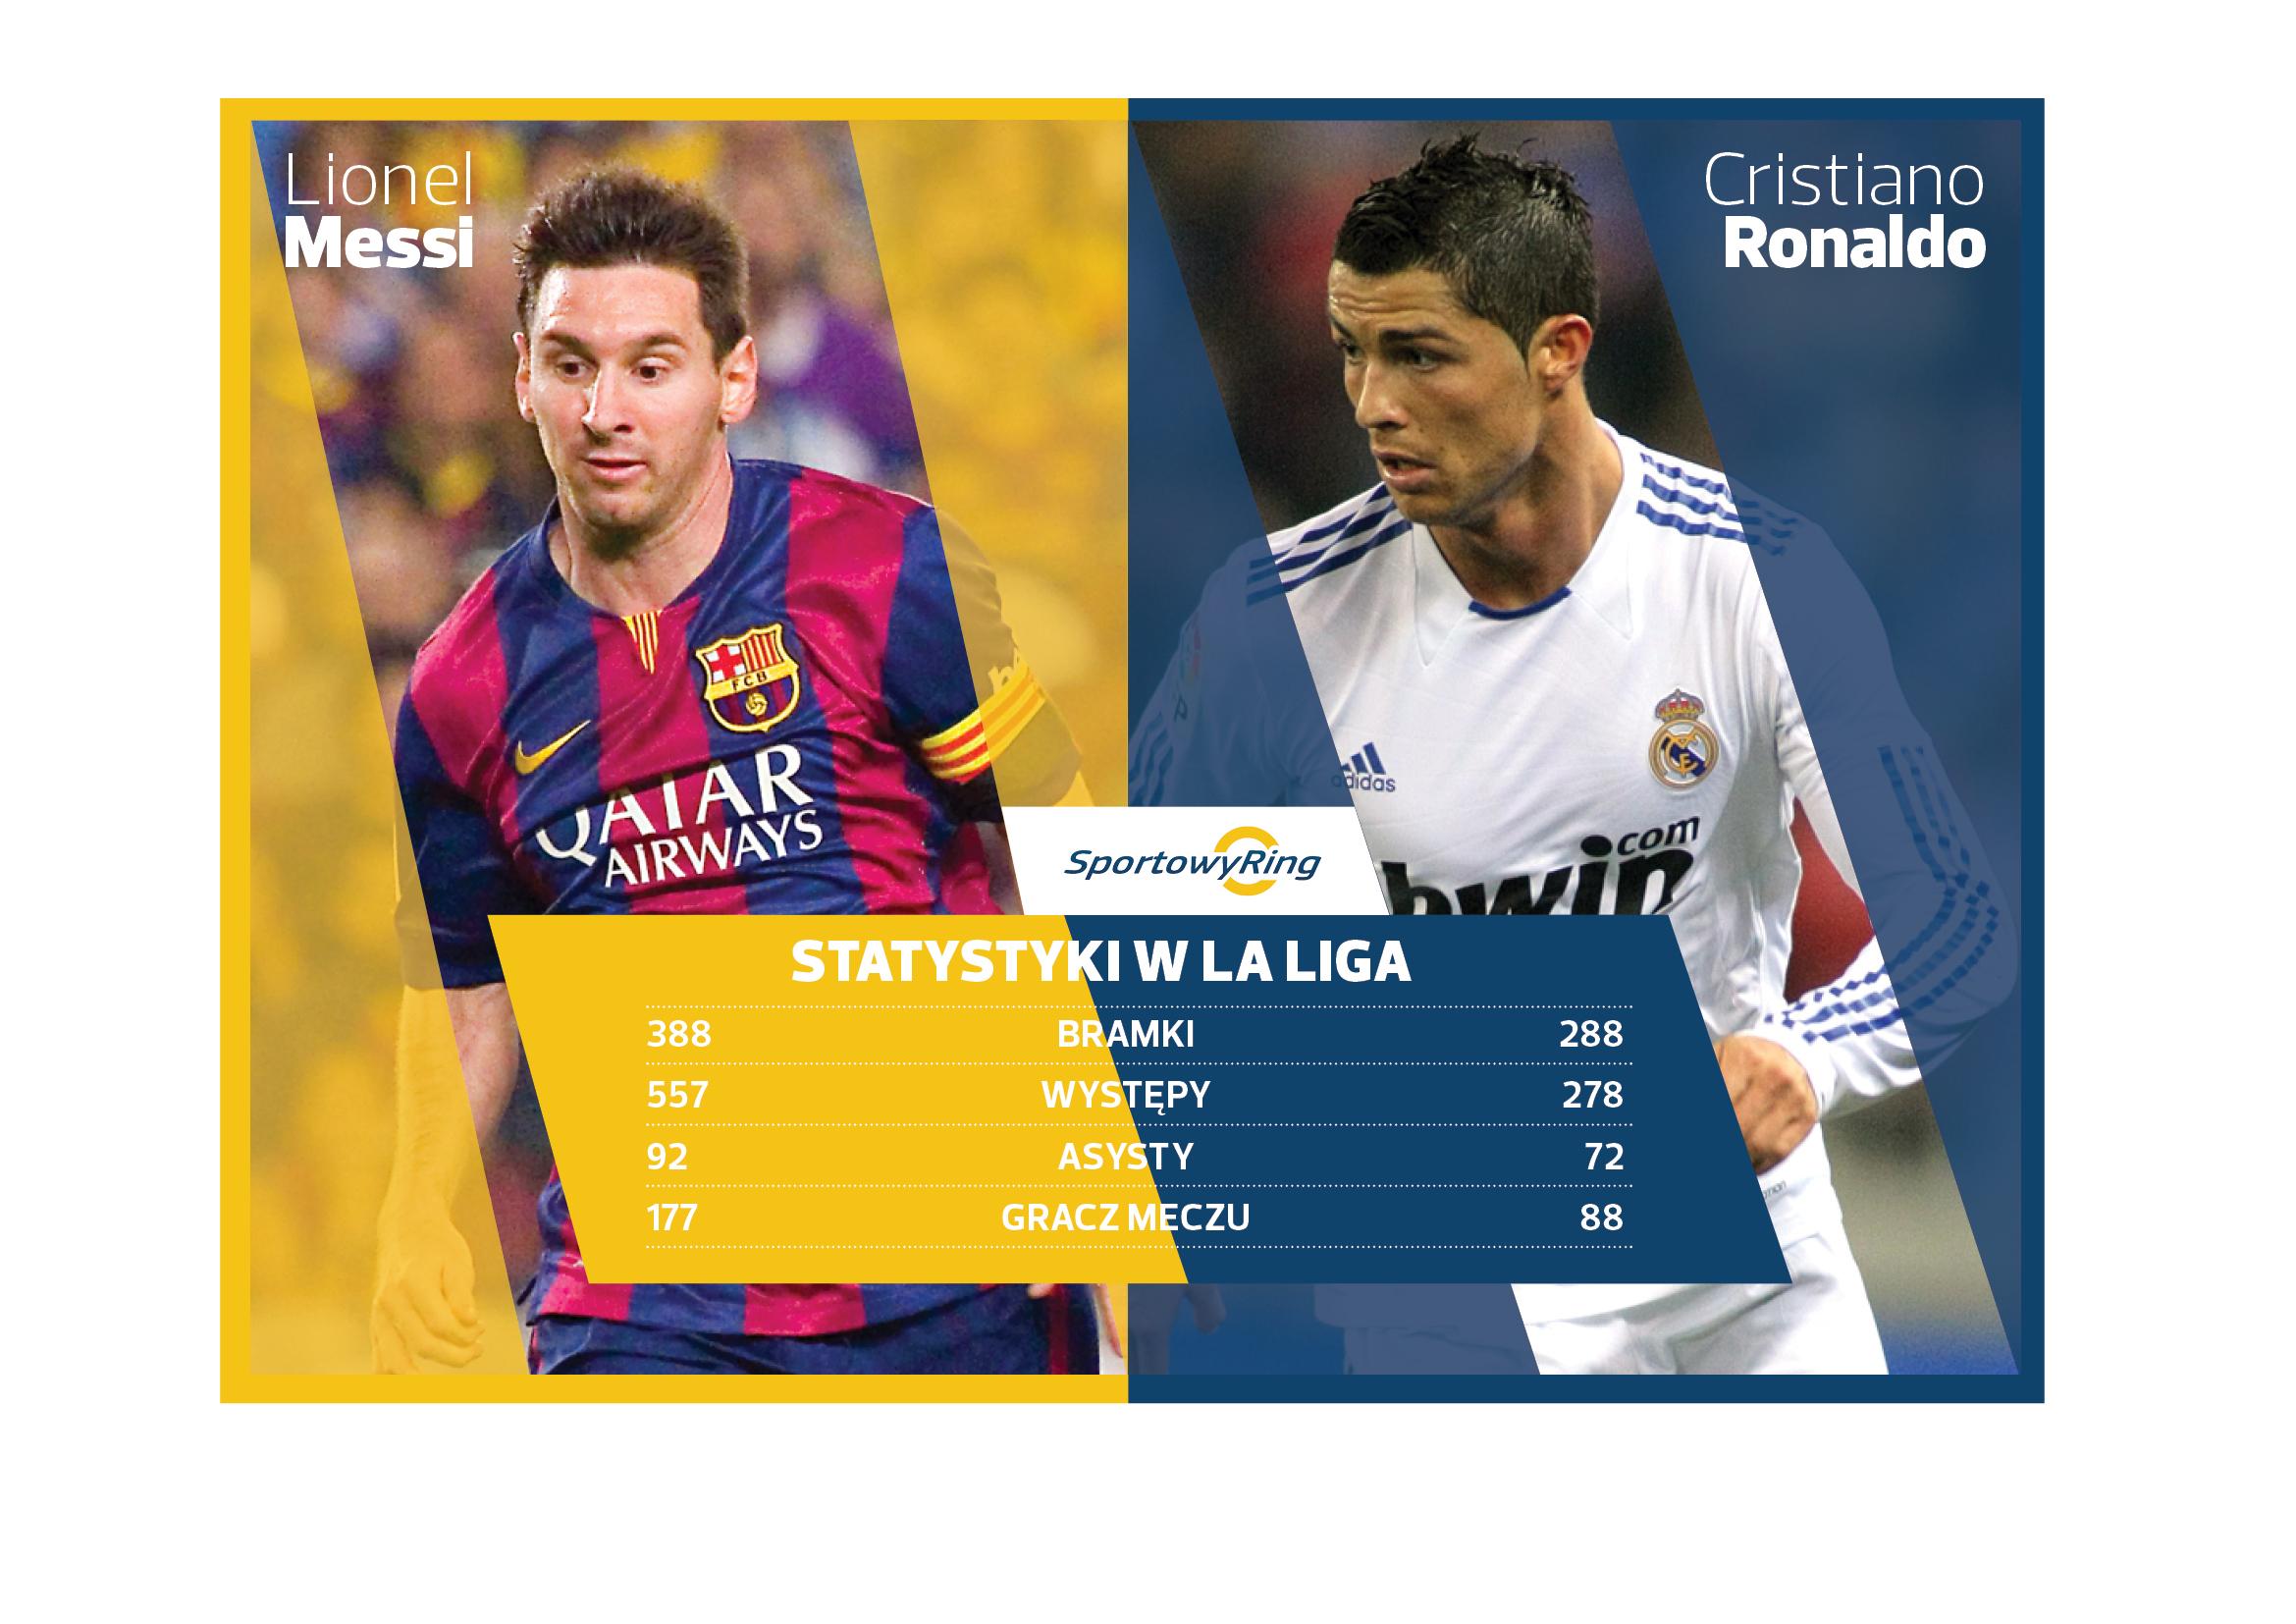 cristiano-ronaldo-vs-leo-messi-sportowyring-com